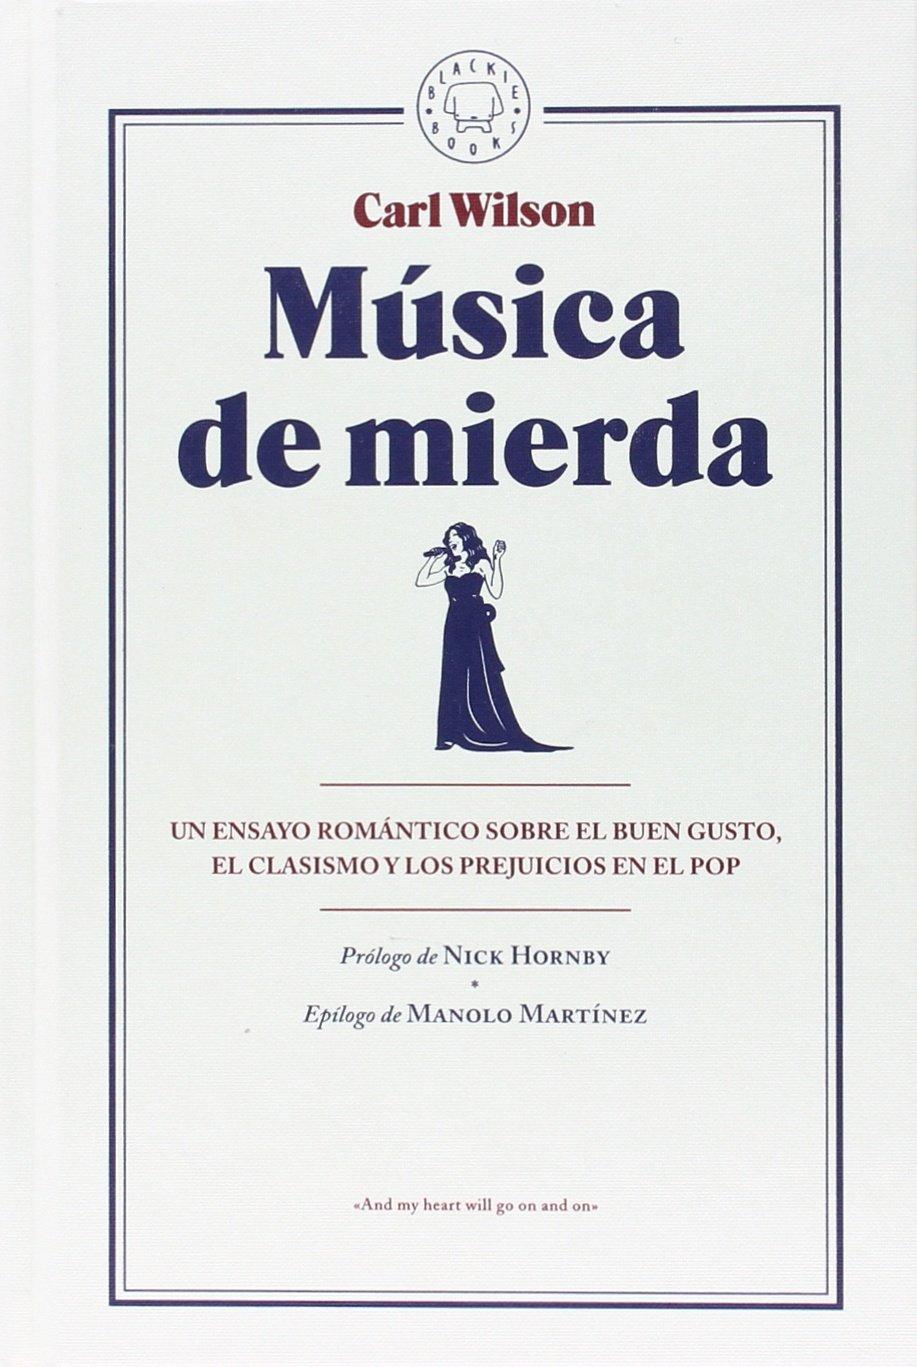 libros-musica-2